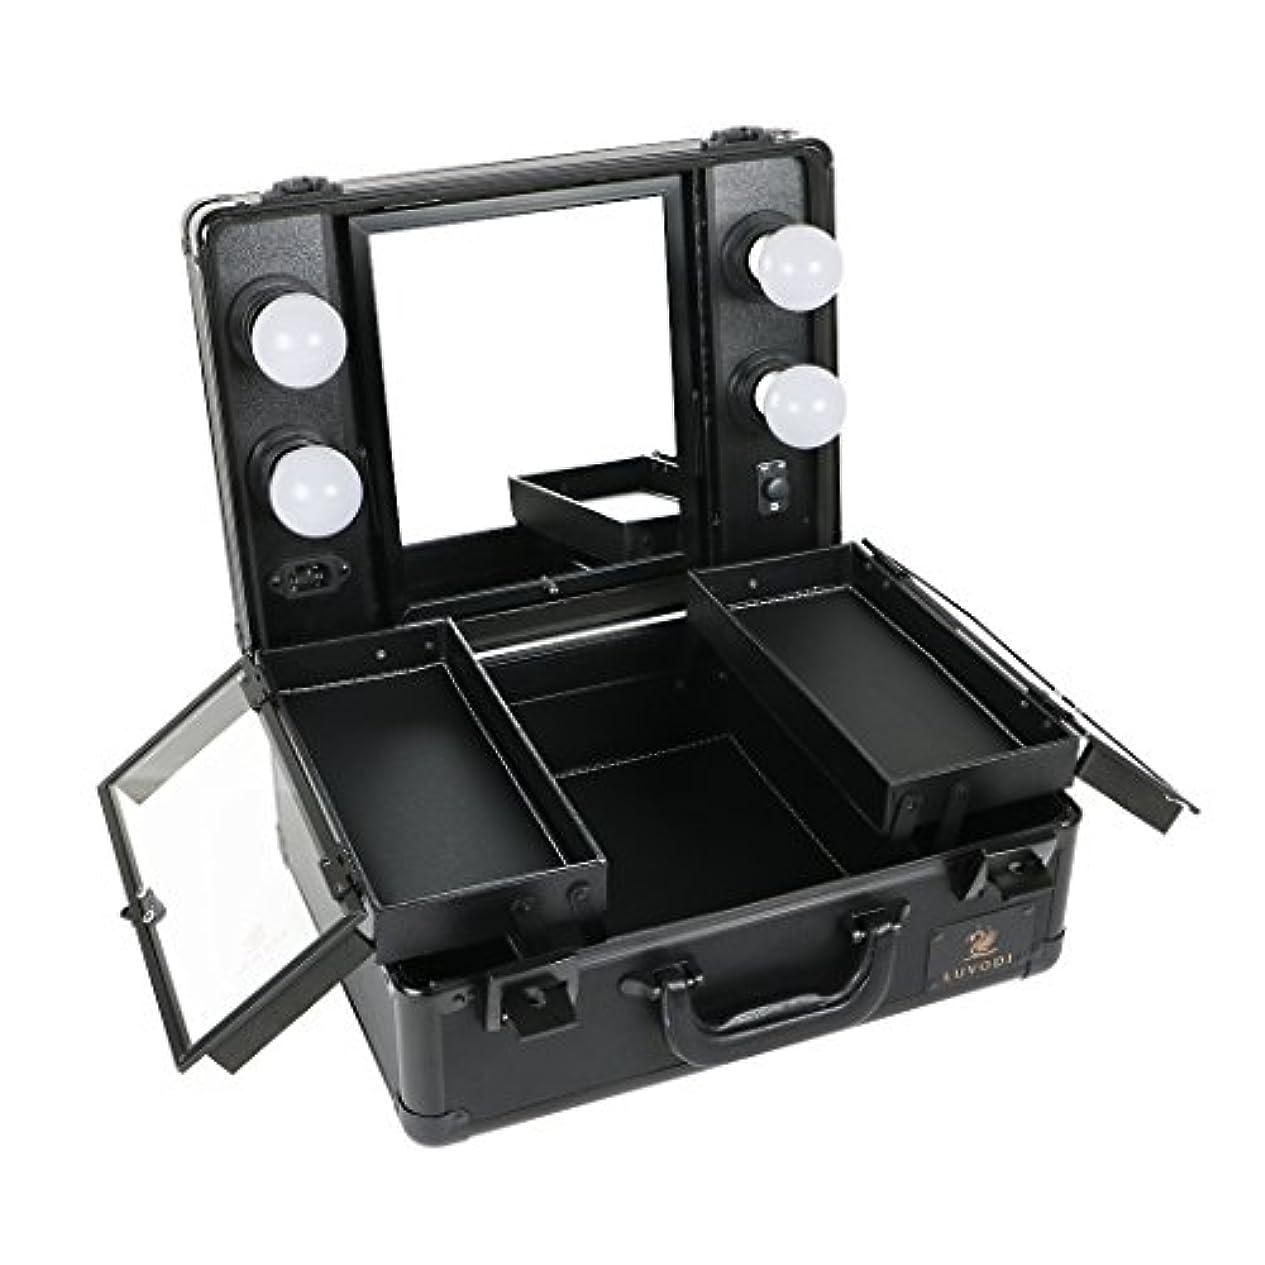 プロフェッショナル不安定な作成するLUVODI メイクボックス 鏡付き プロ用 コスメ収納ケース 大容量 ハリウッドミラー LEDライト 調光機能付き 卓上 ミニドレッサー 持ち運び 鏡台 鍵付き おしゃれ 35*54*23cm(黒)